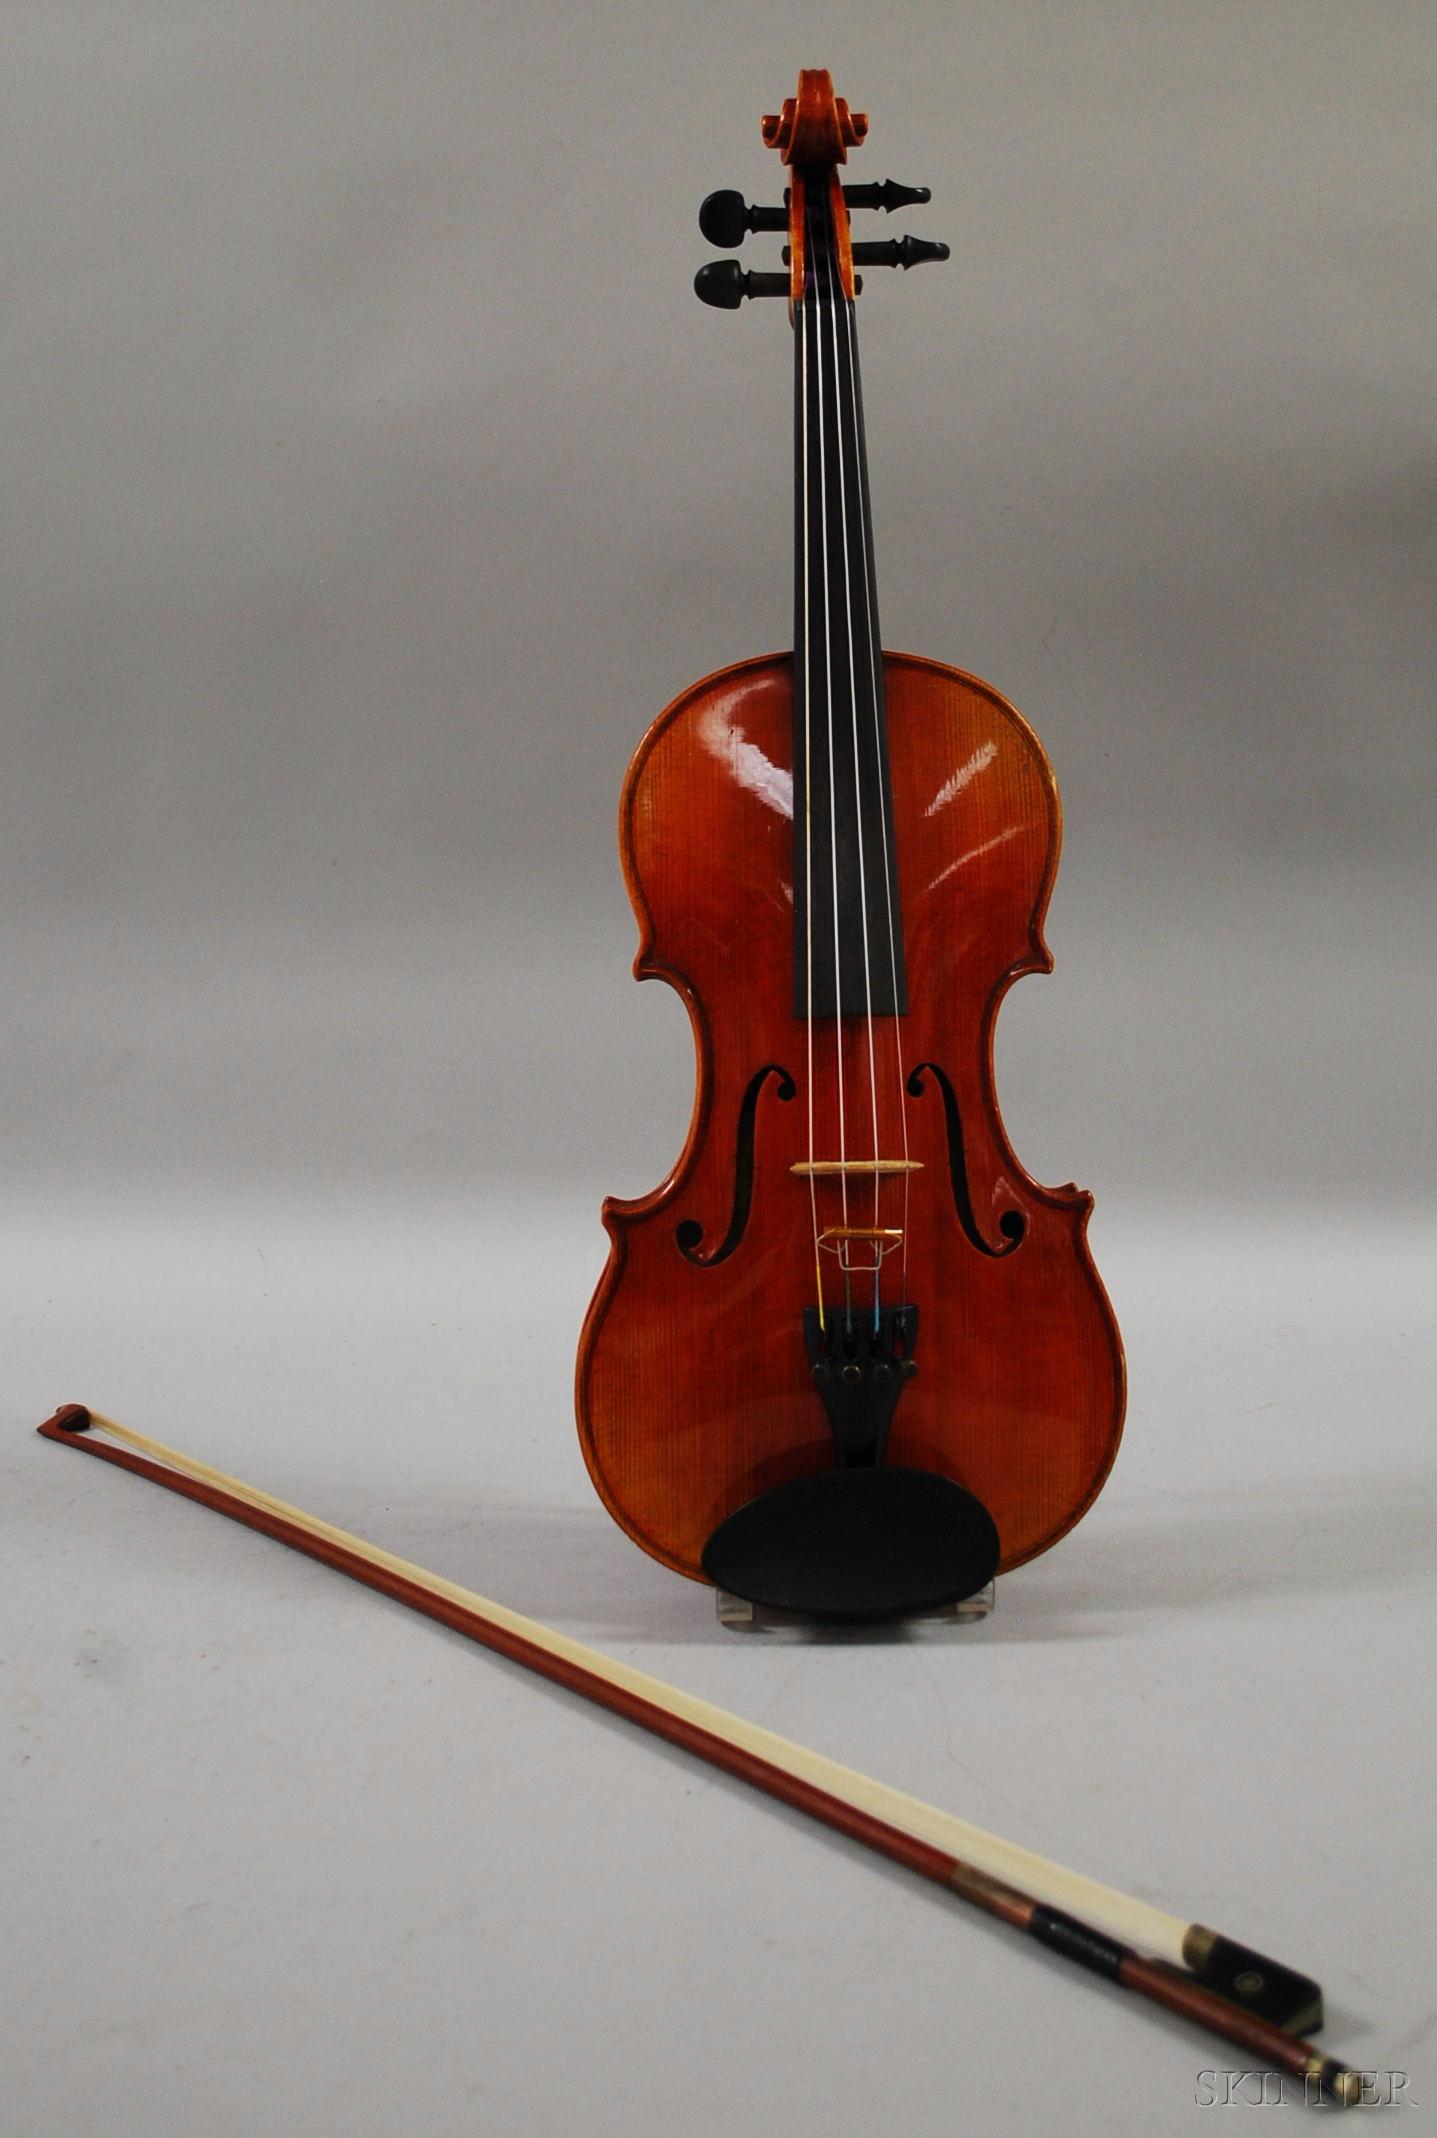 German Violin, Roman Teller, Erlangen, c. 1970